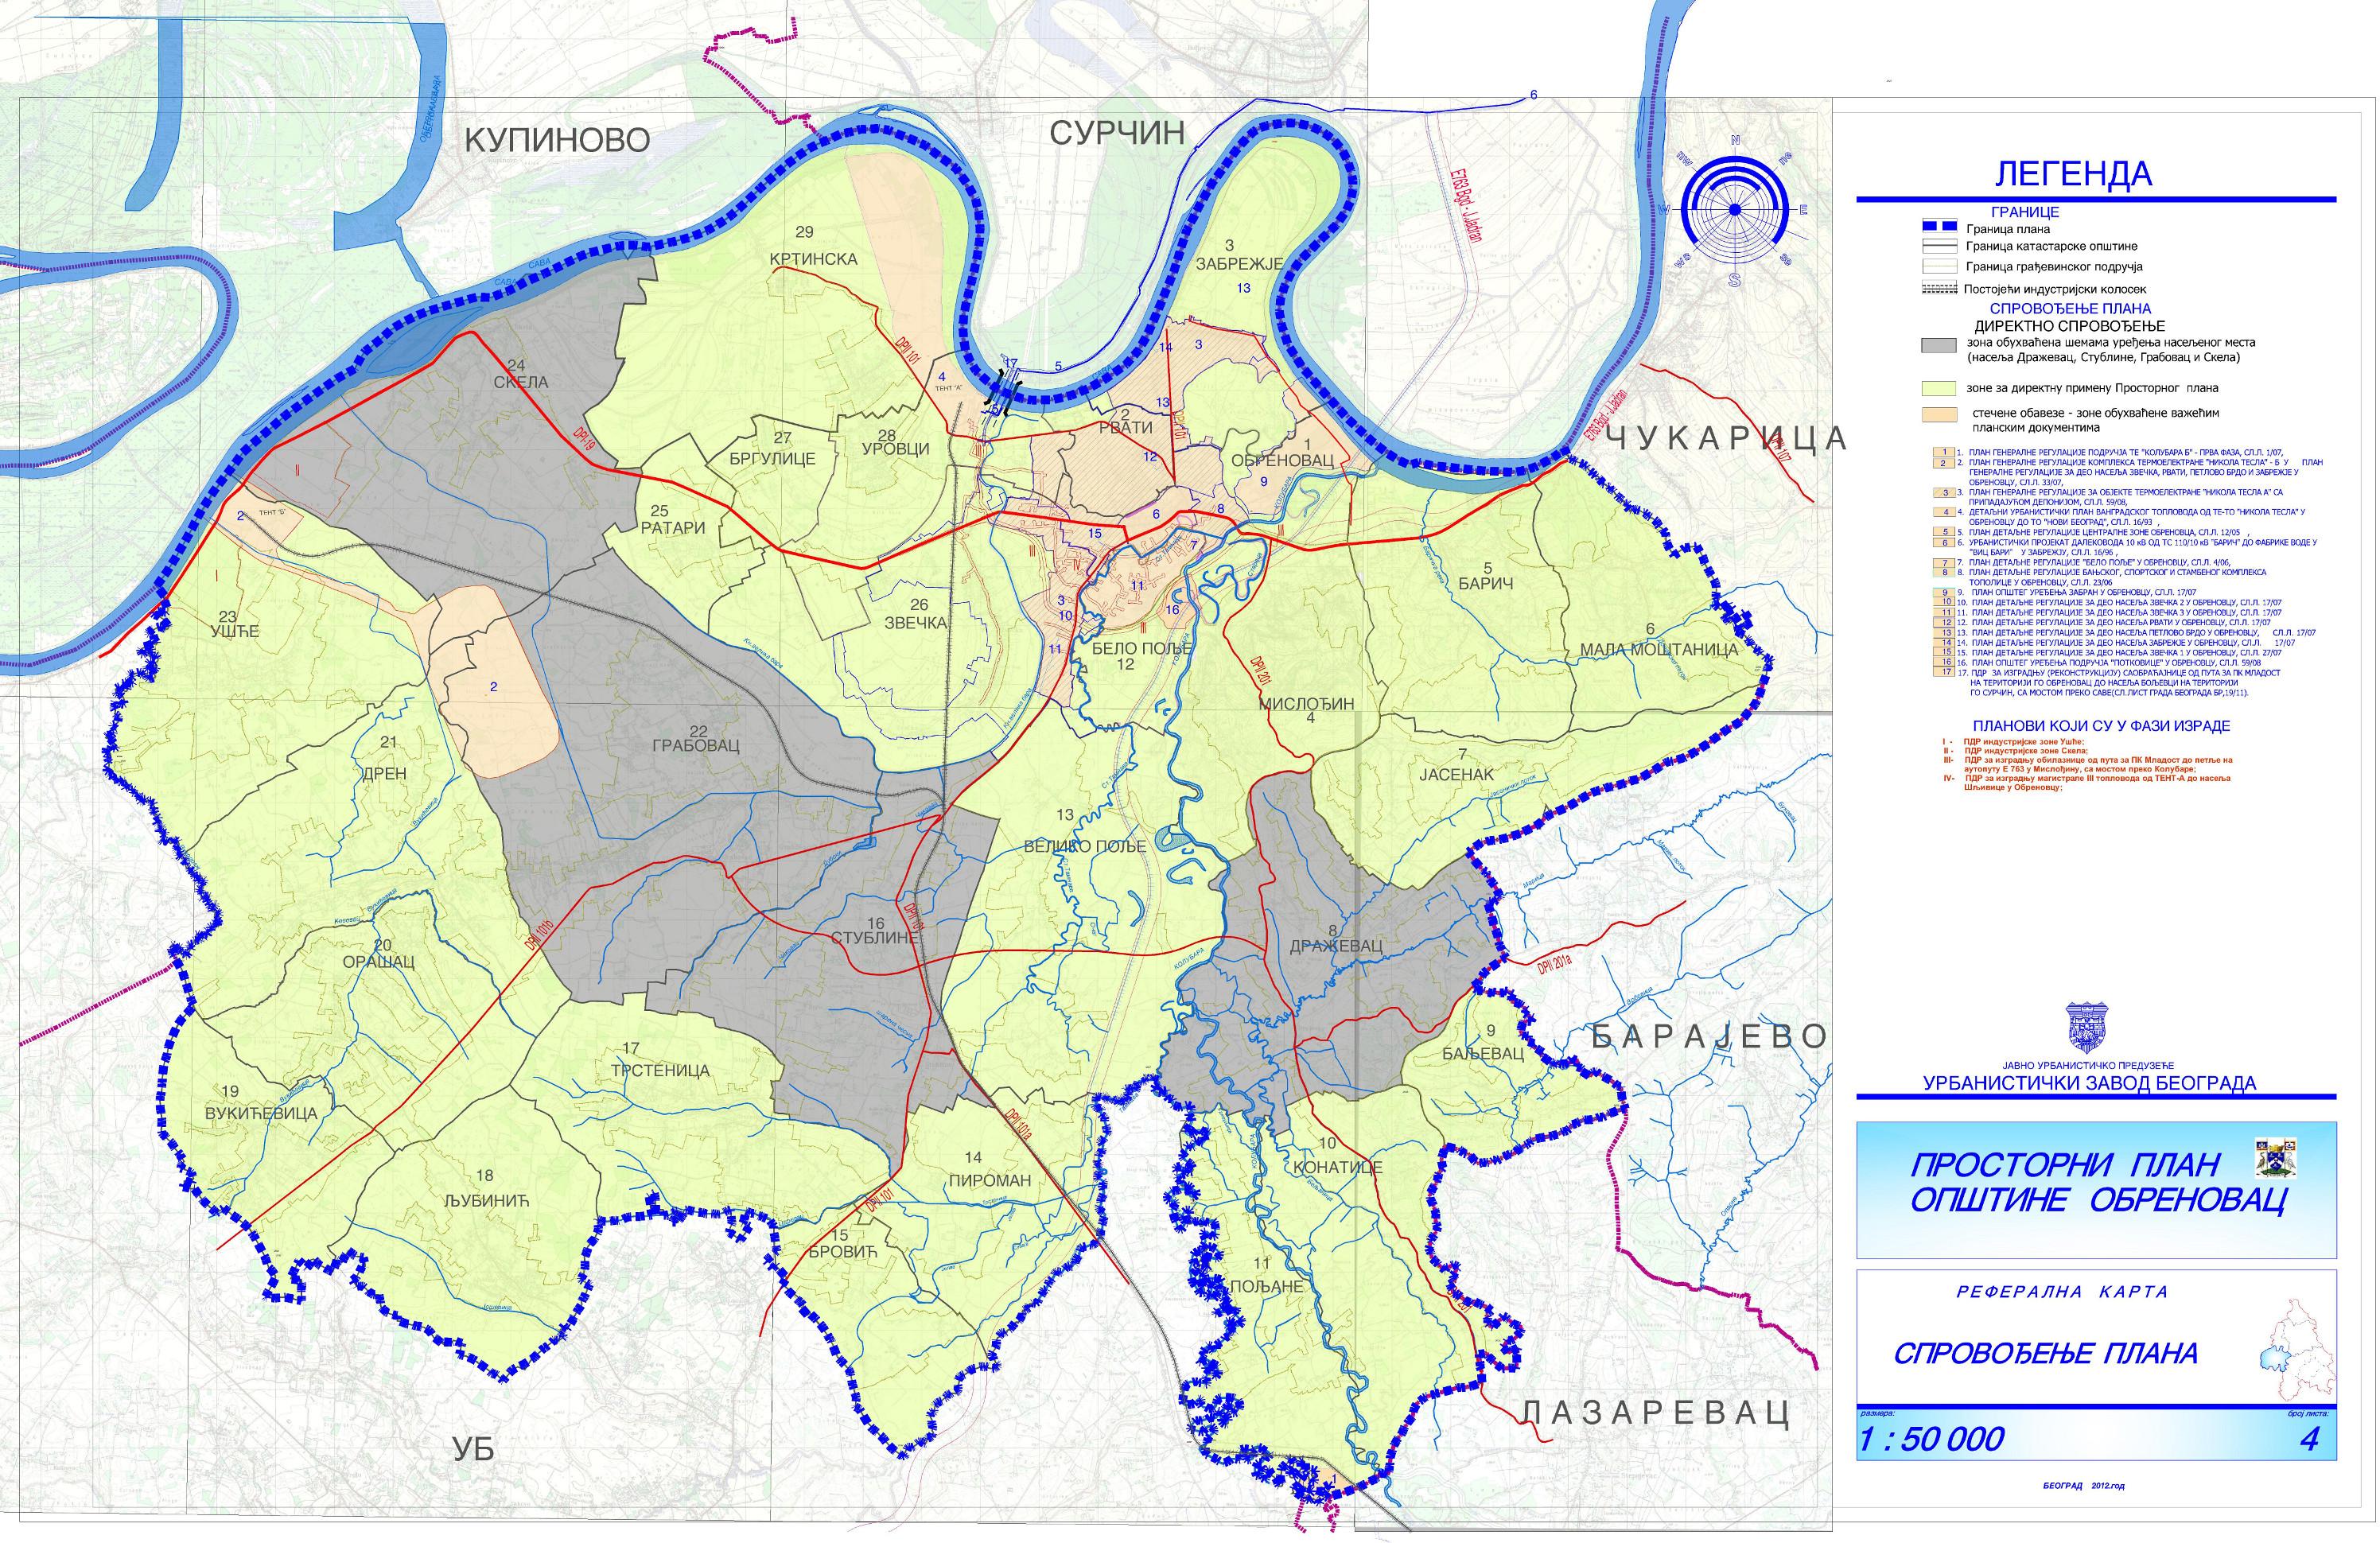 Prostorni Planovi Urbanisticki Zavod Beograda